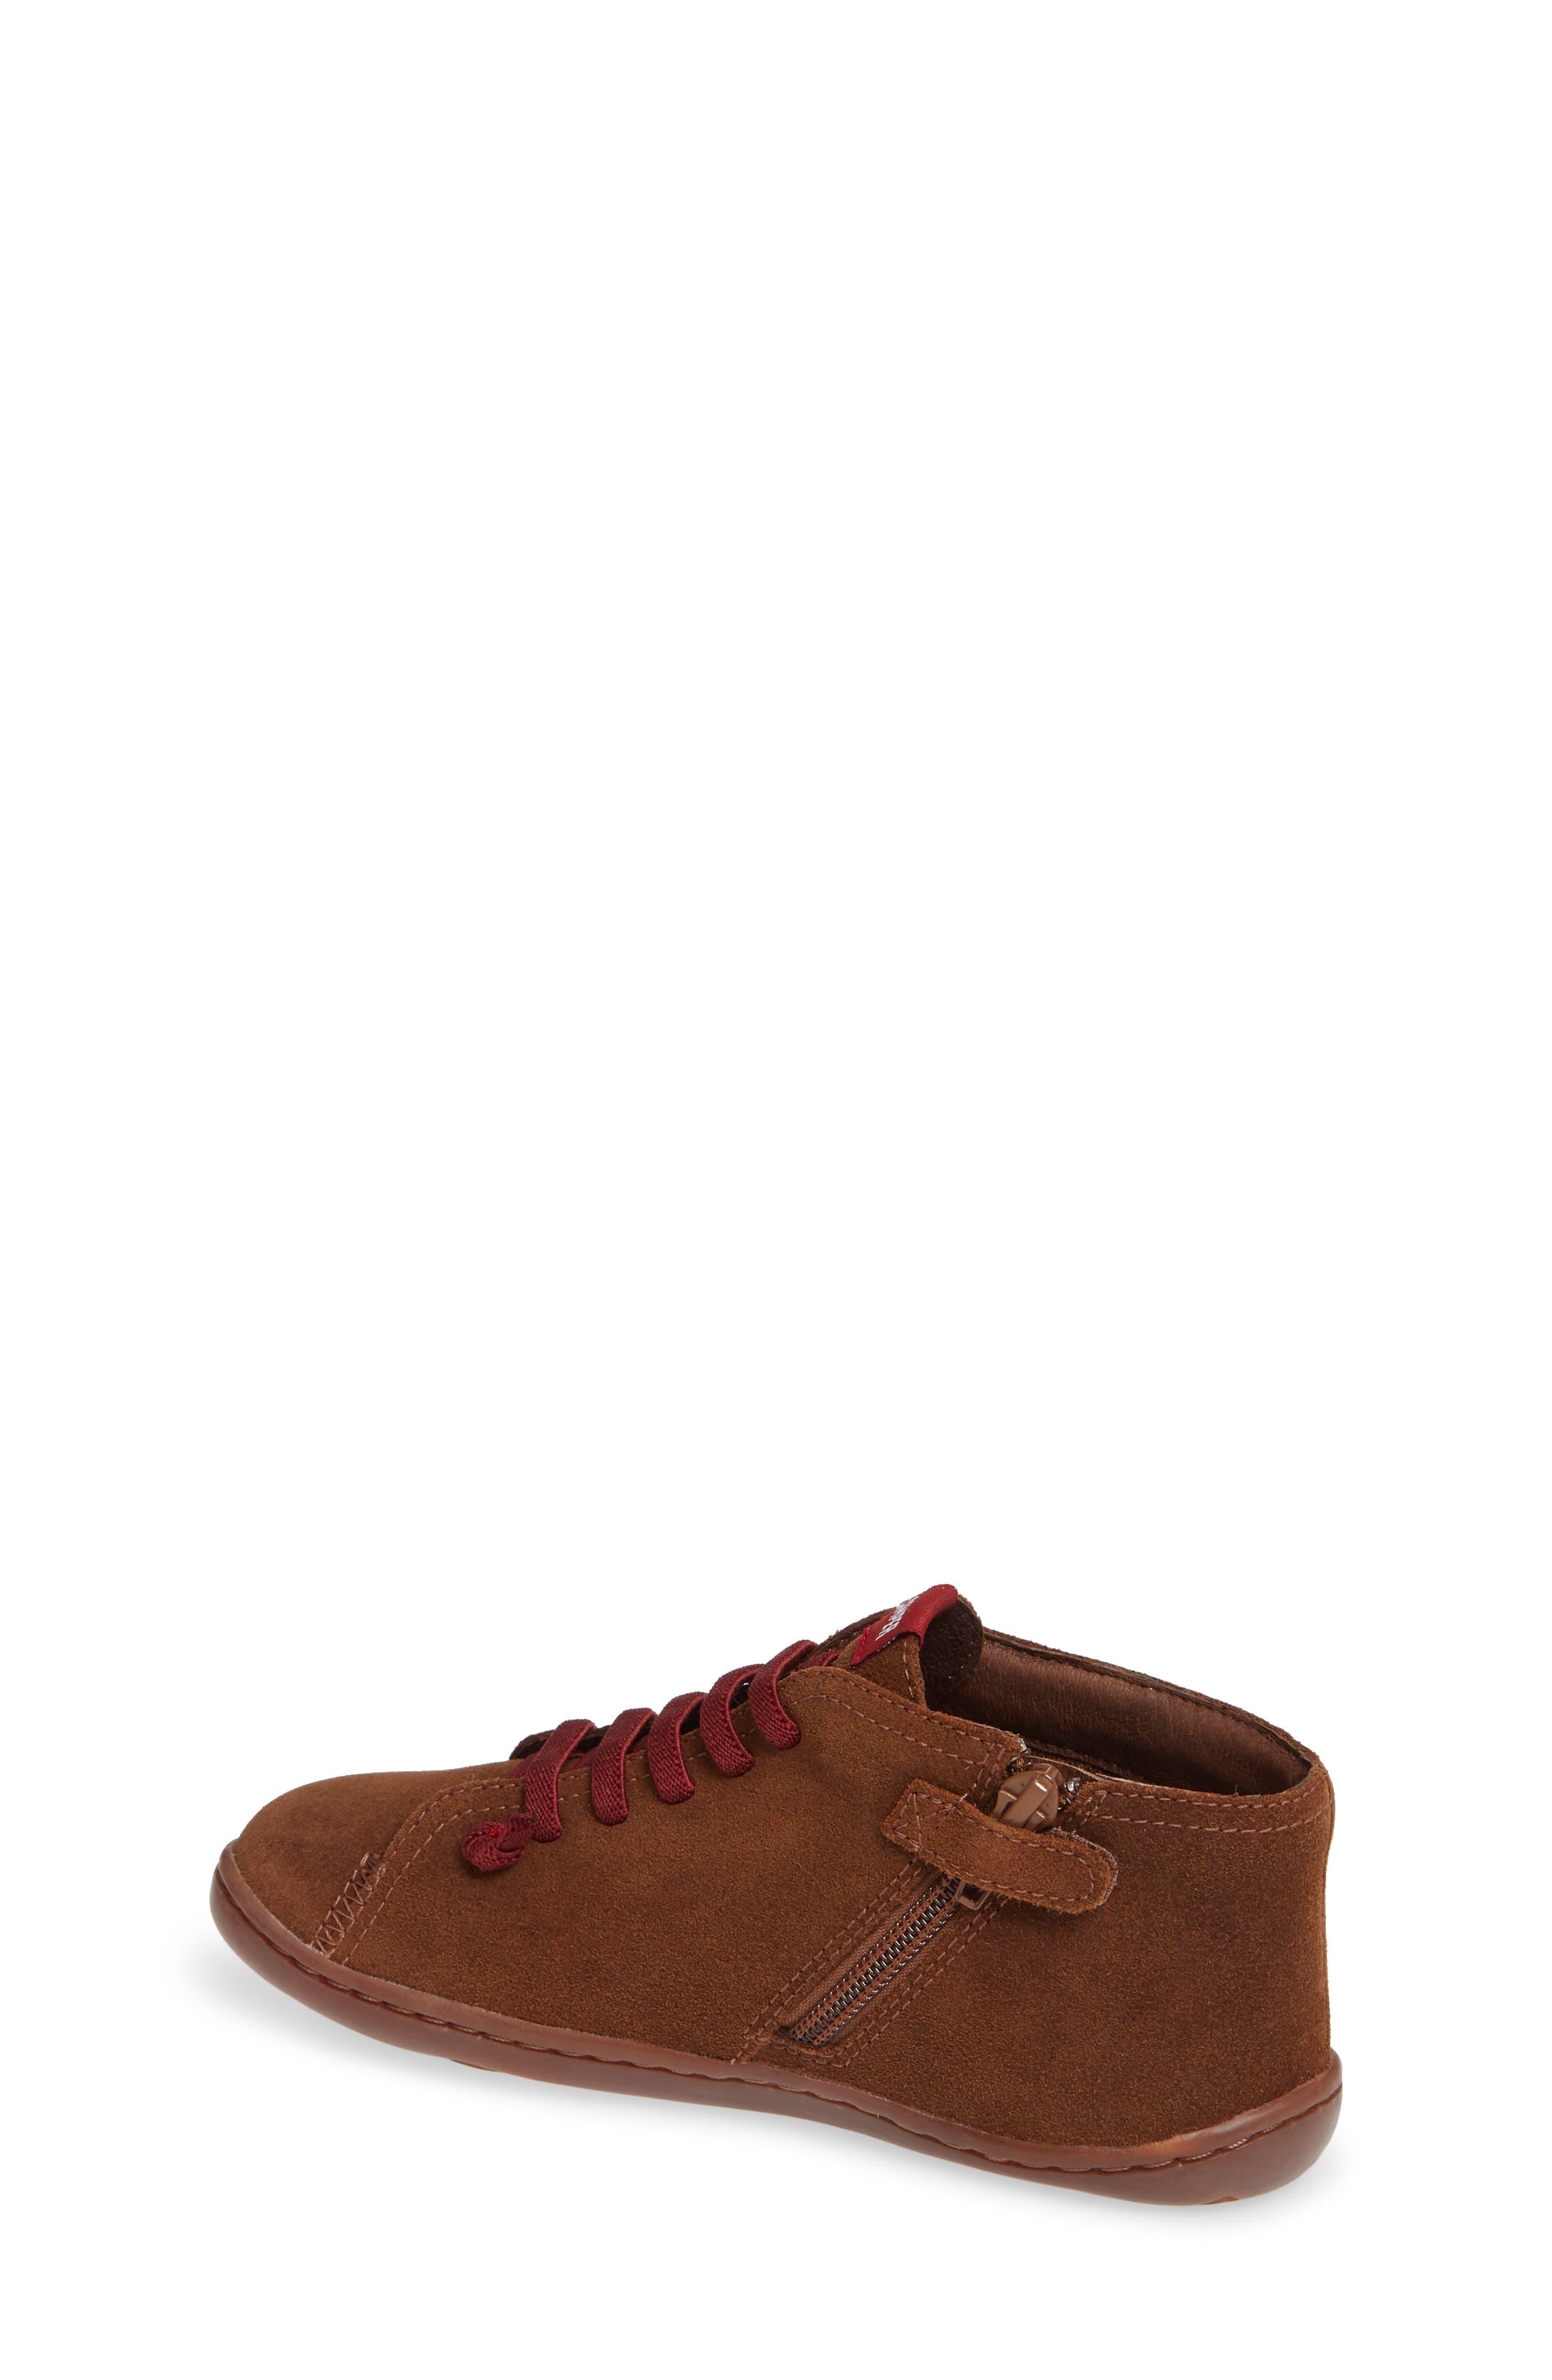 Peu Cami Sneaker,                             Alternate thumbnail 2, color,                             MEDIUM BROWN